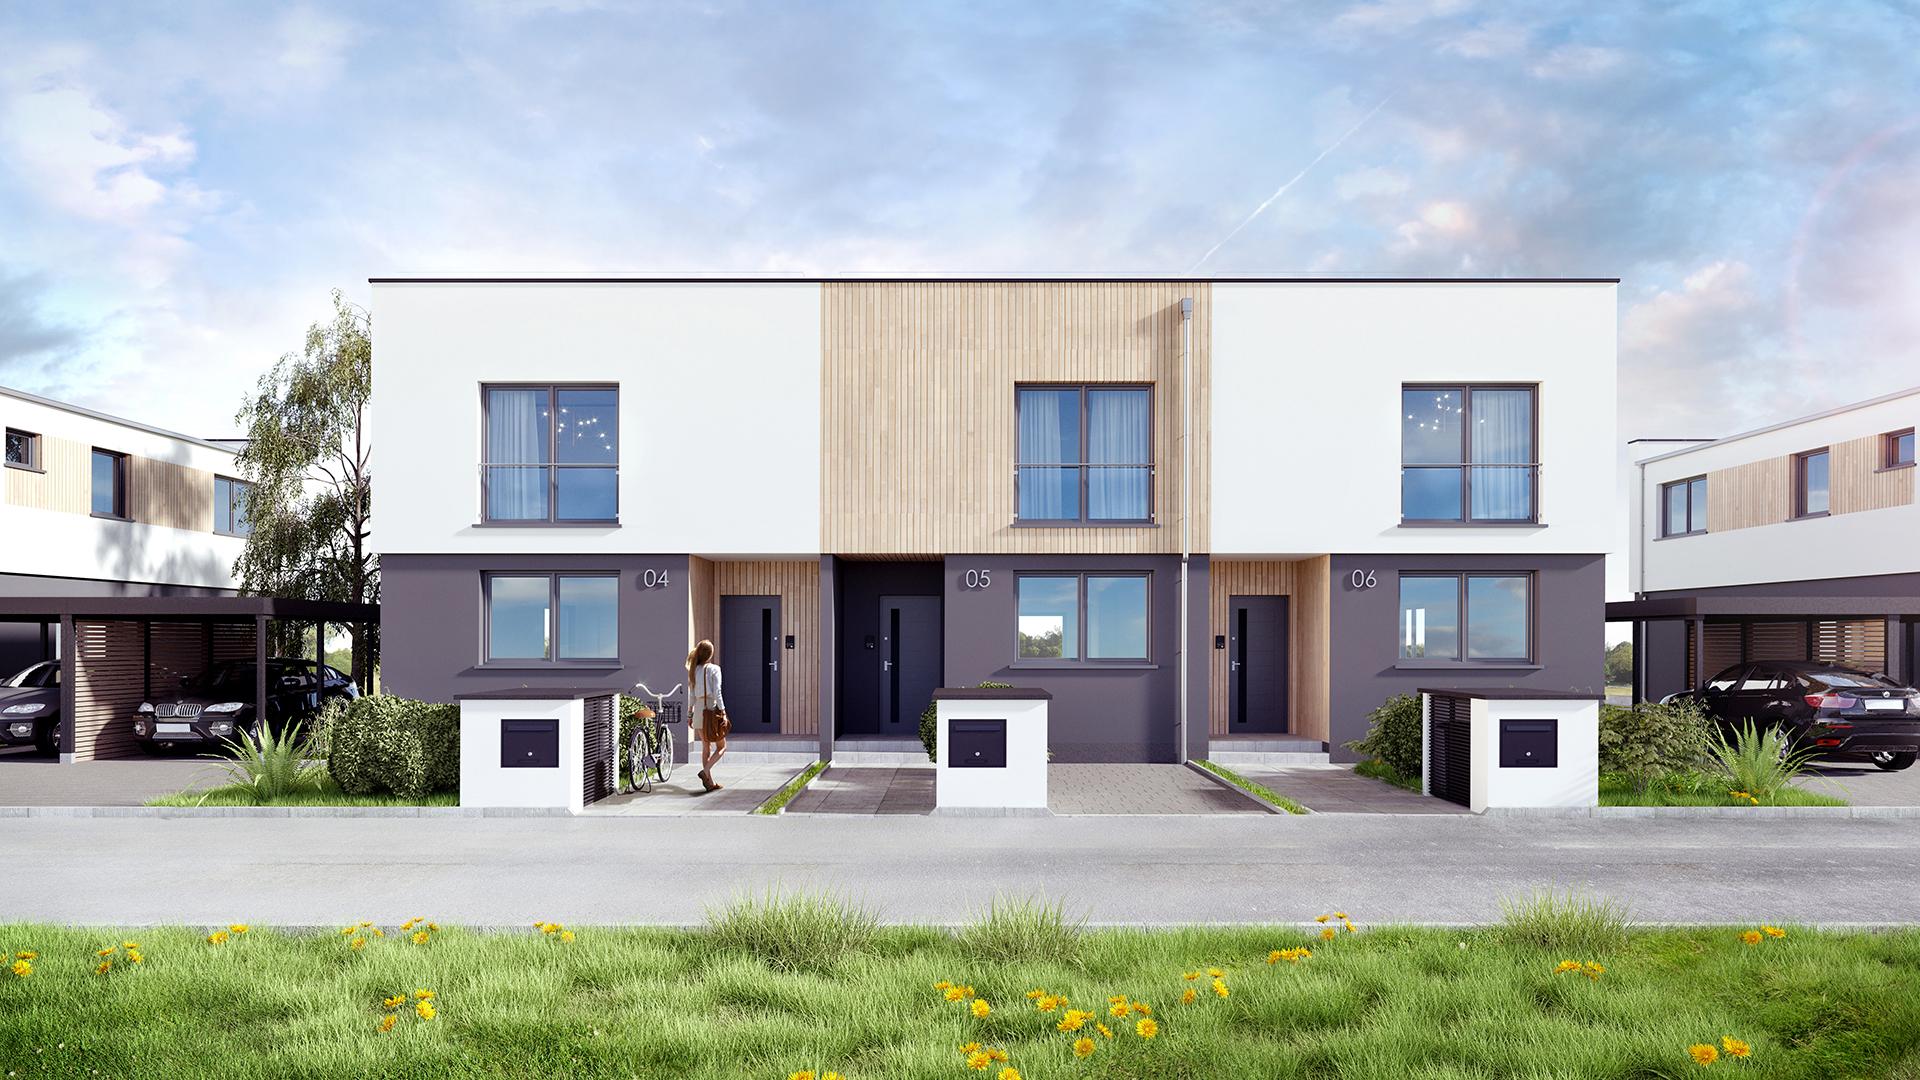 Wizualizacje osiedla domów szeregowych. M2 Architektura